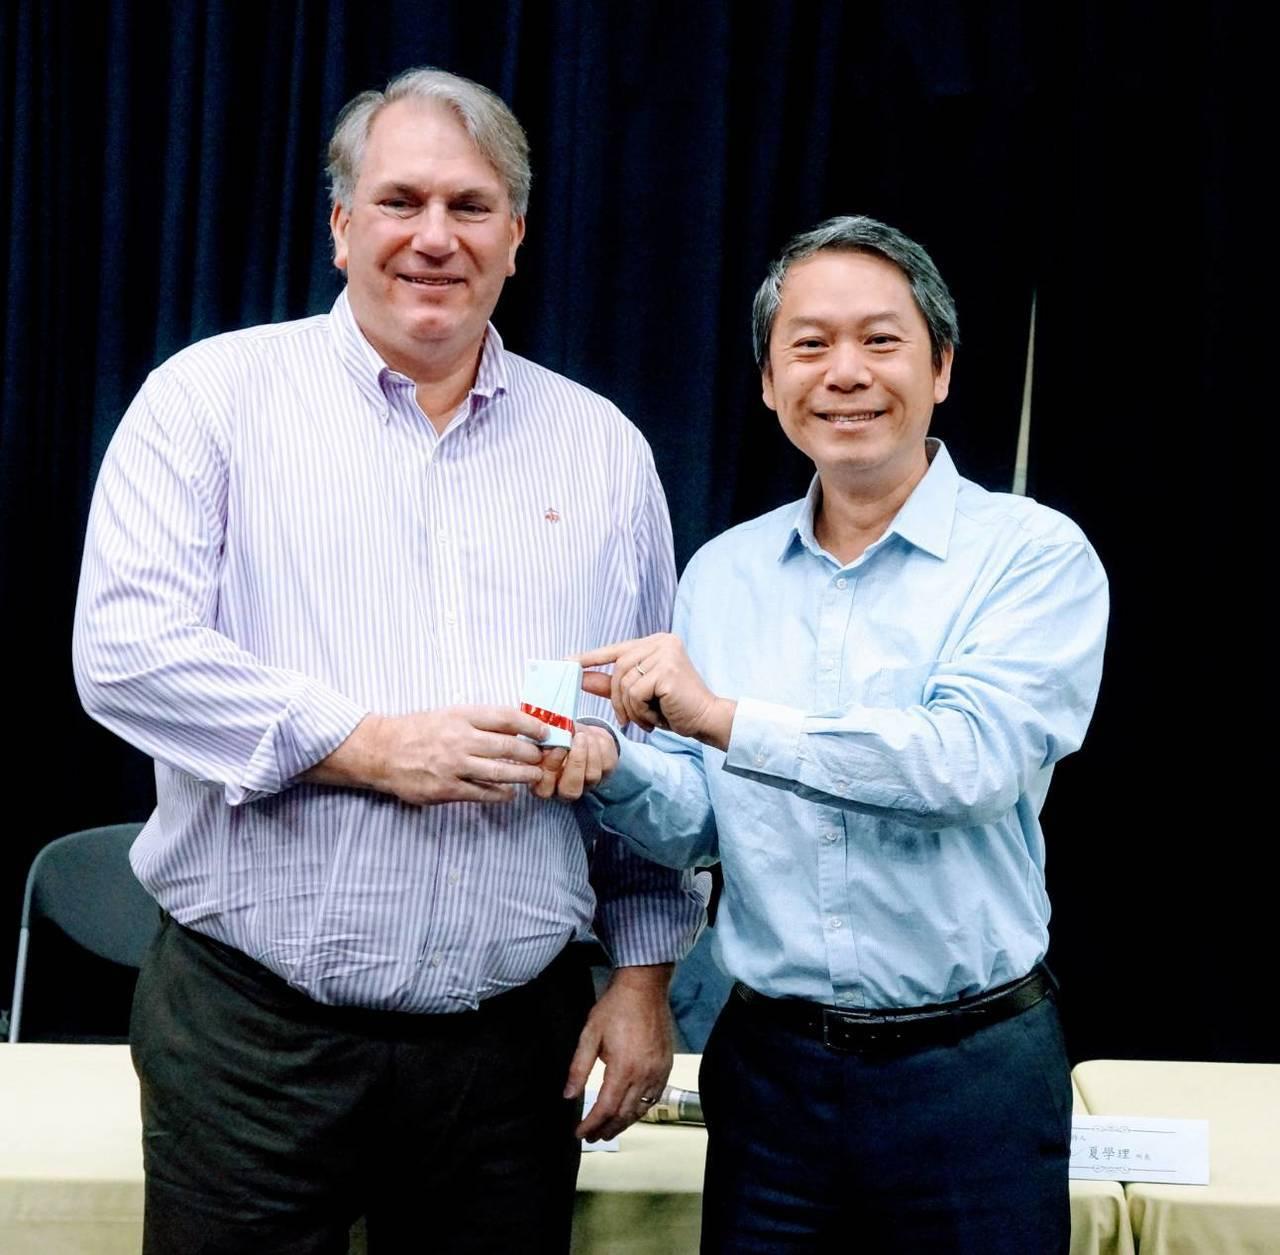 台師大表演所所長夏學理(右)表示,上月23日晚間,他與首度來訪亞洲的紐約大學表演...